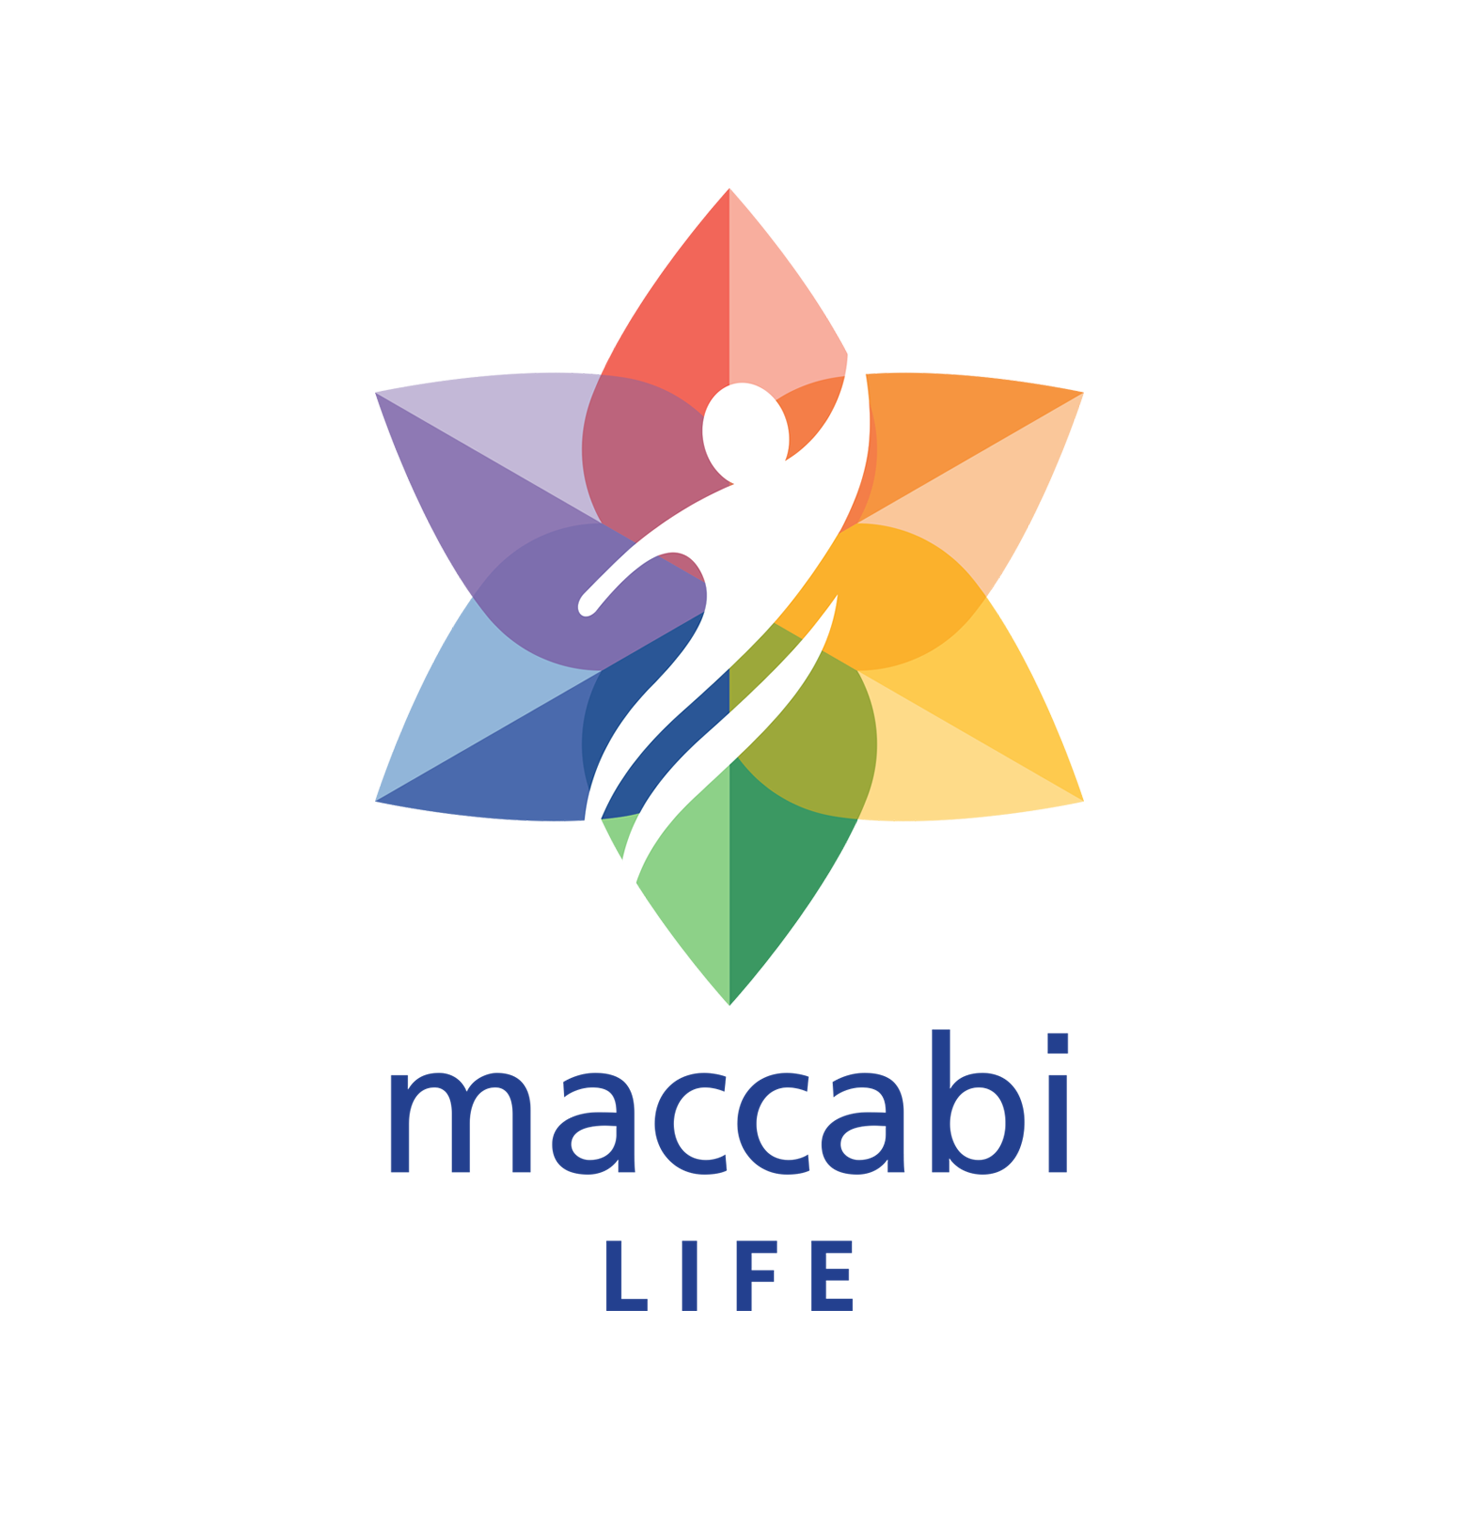 Maccabi-Master-Vertical-02.png